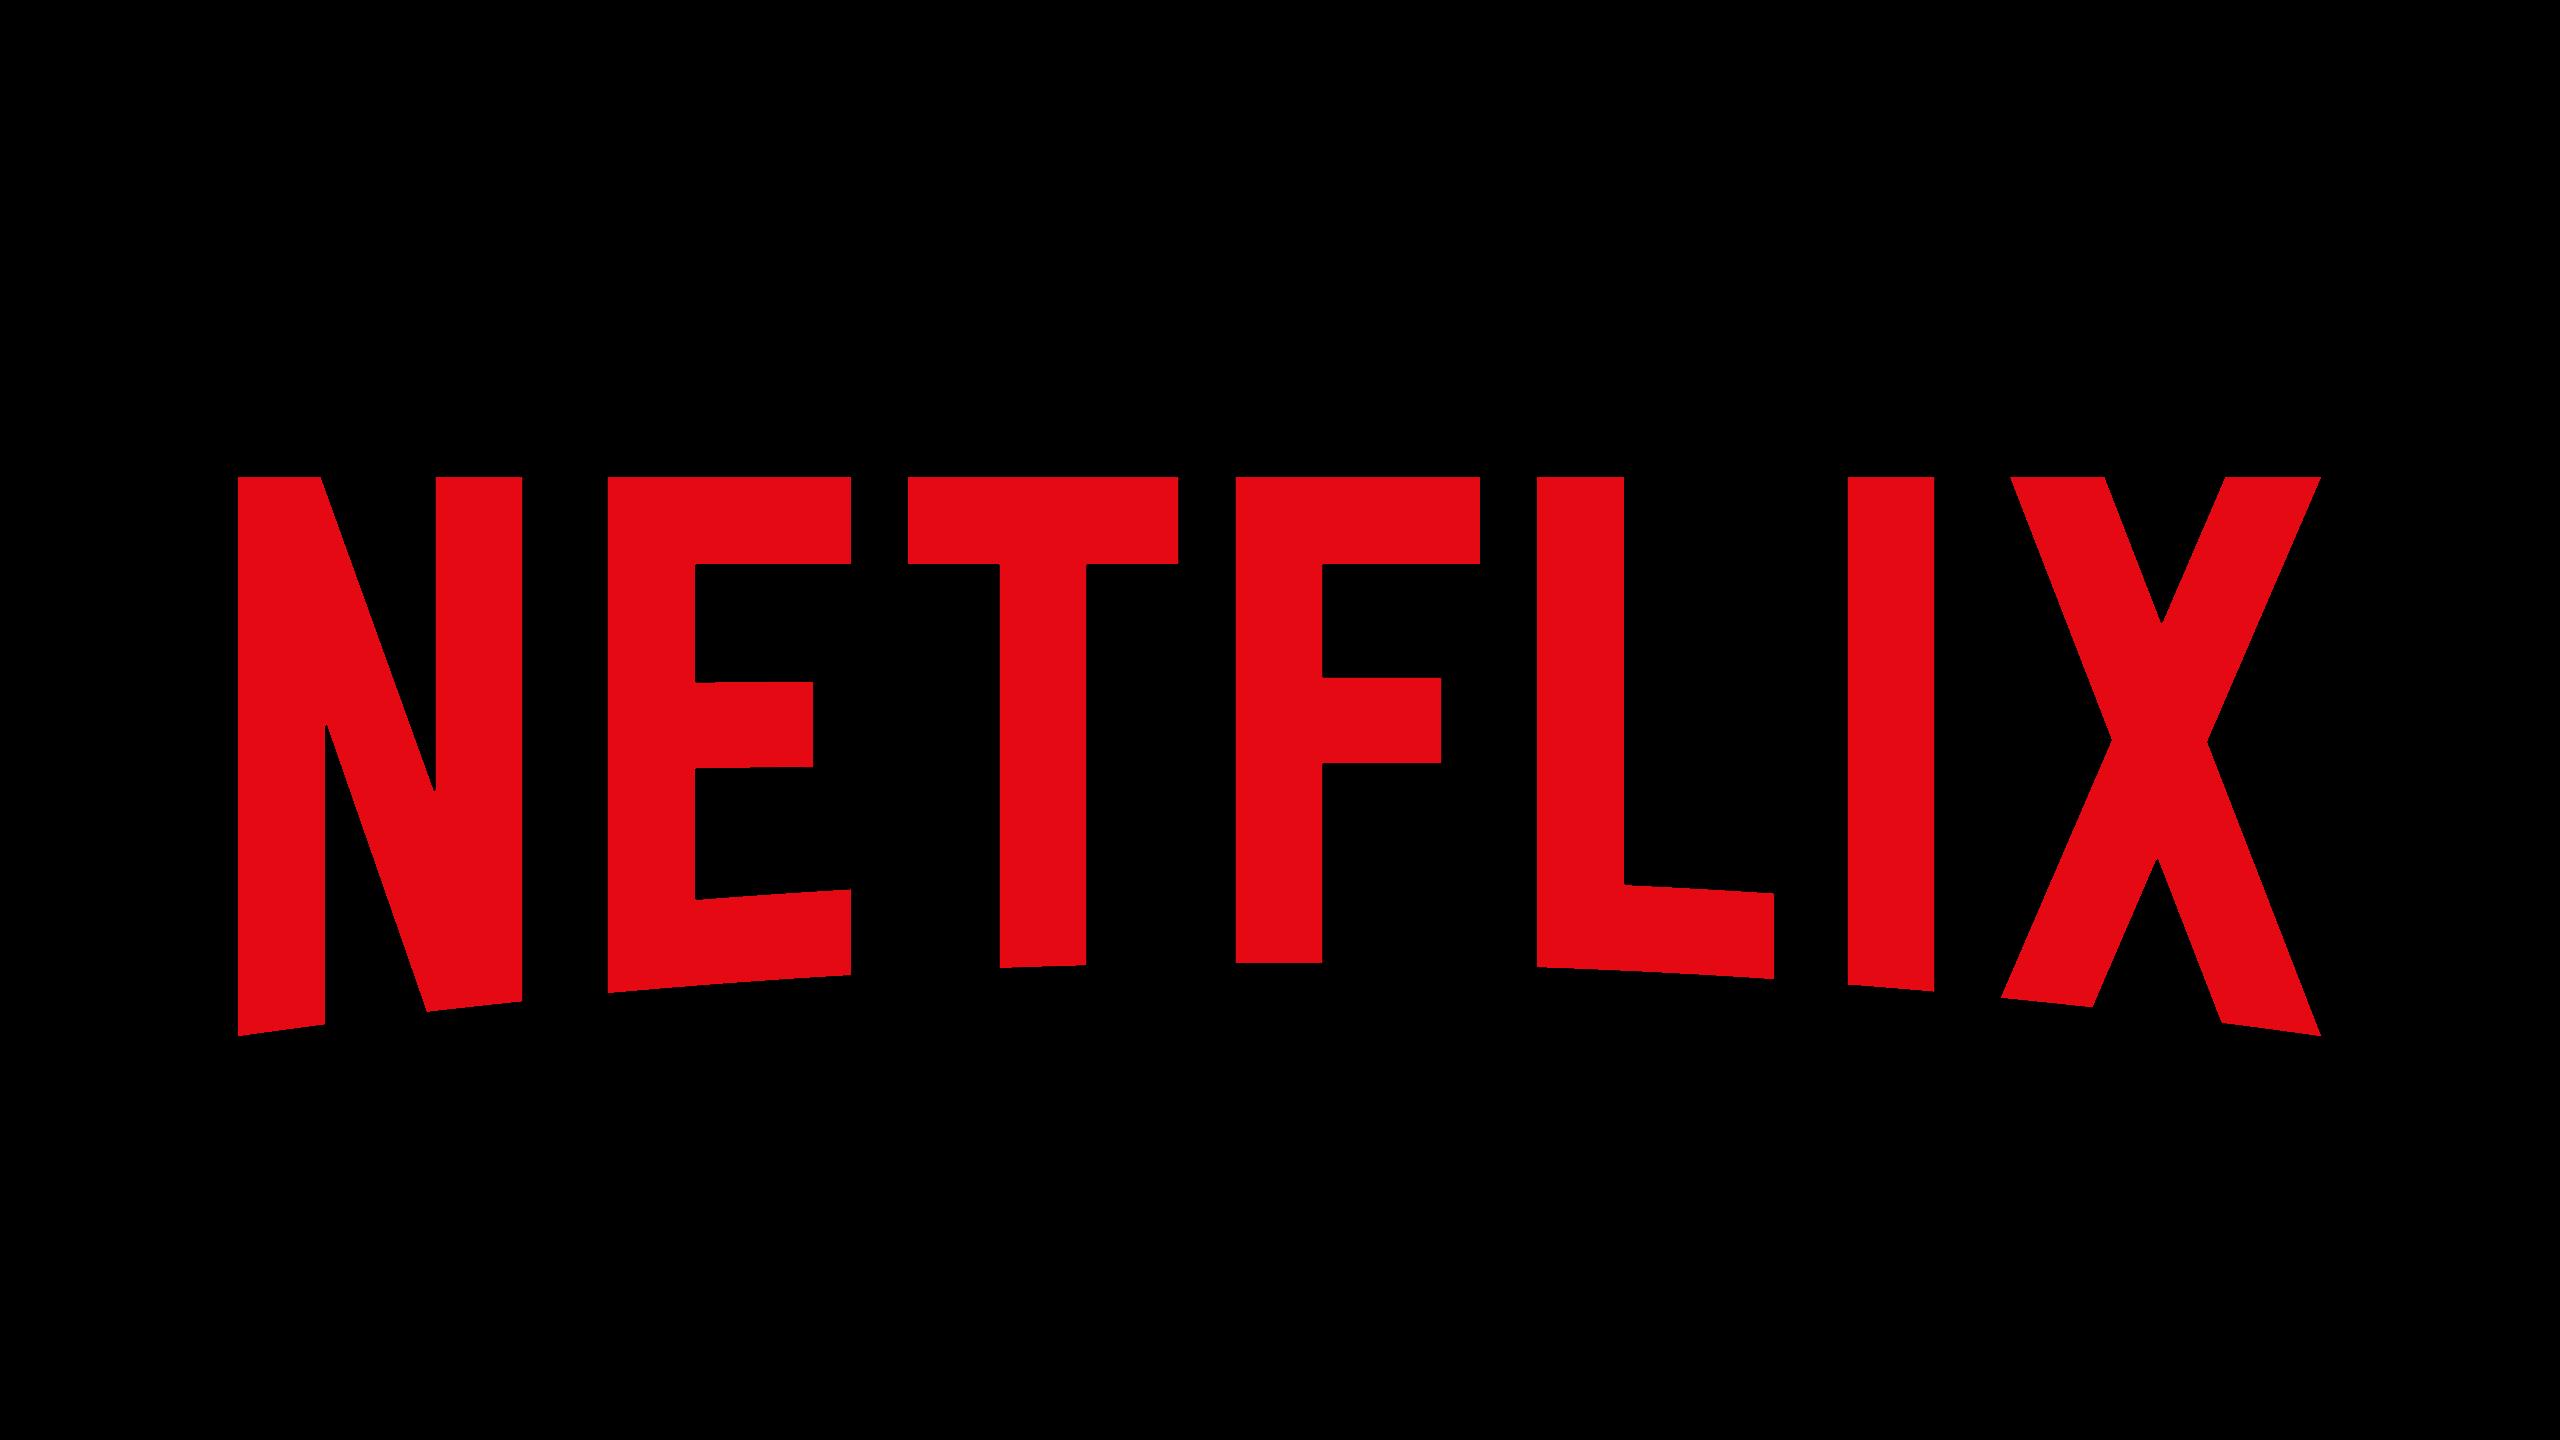 Любимият Netflix също е задължителен, защото там гледаме всички най-нови сериали. Постоянно. Цена: от 7,99 евро до 11,99 евро/месец.